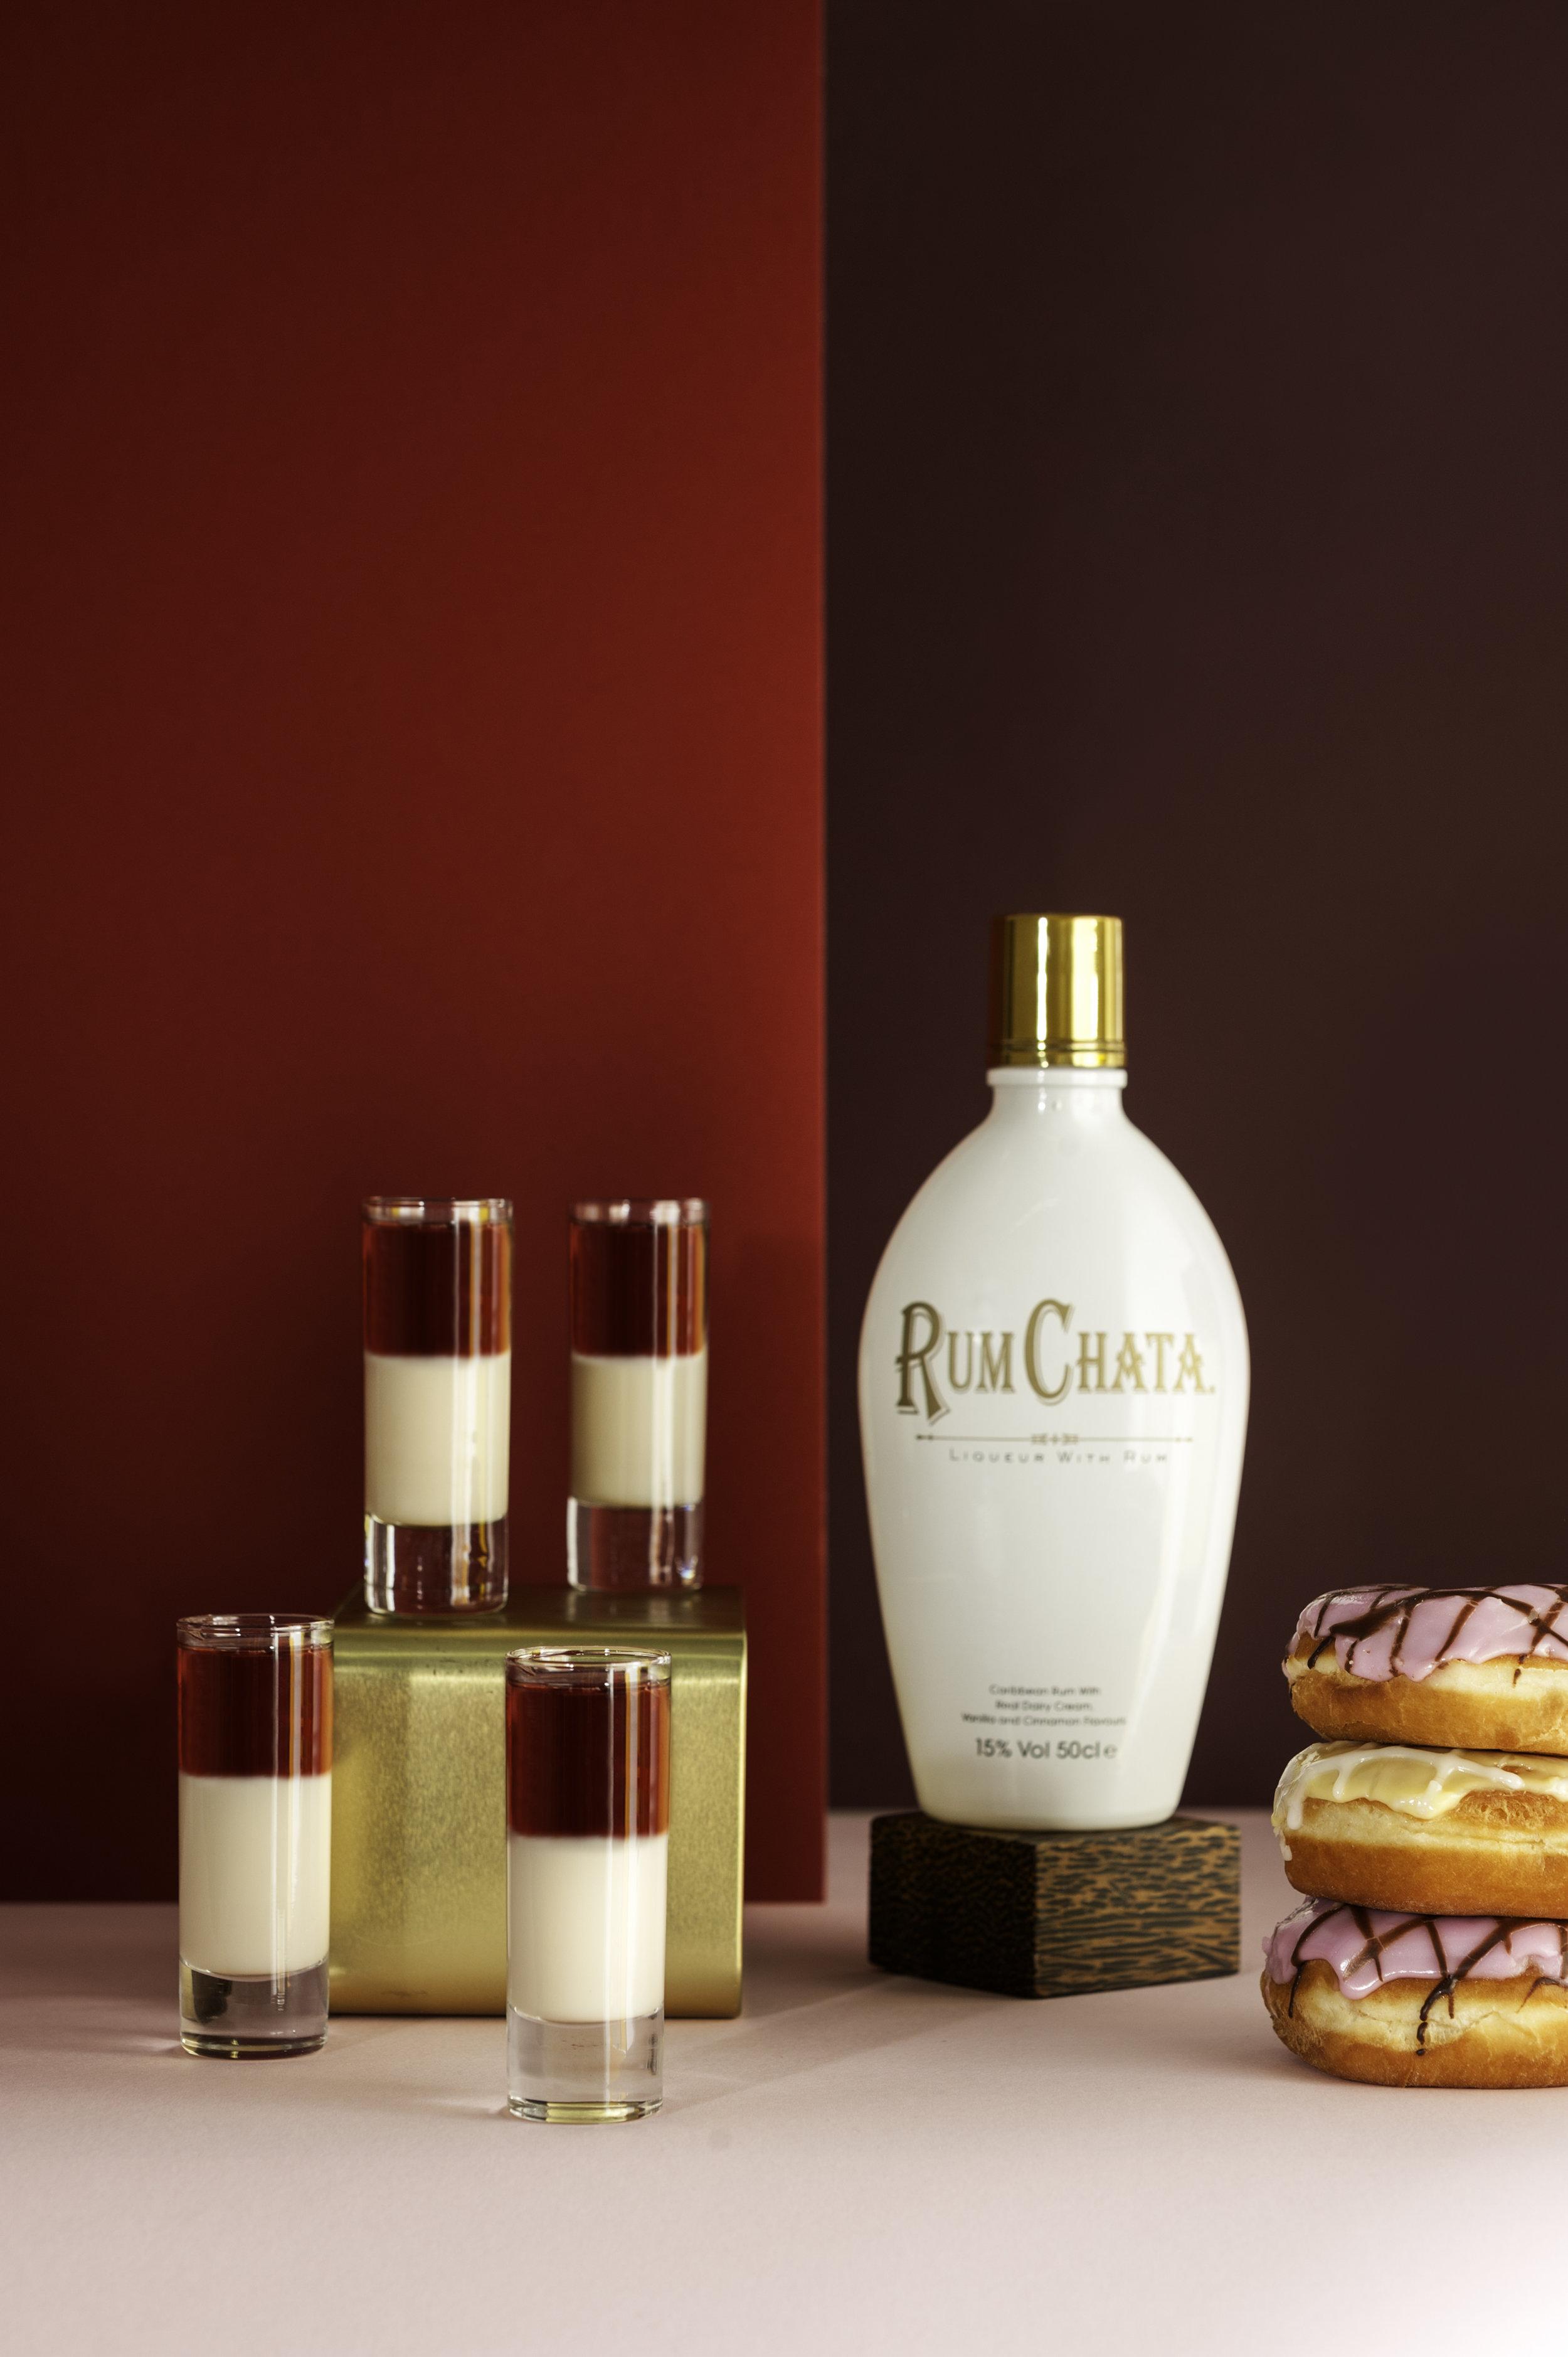 rum-chata-jam-donught-w-bottle_ML42970-RT.jpg